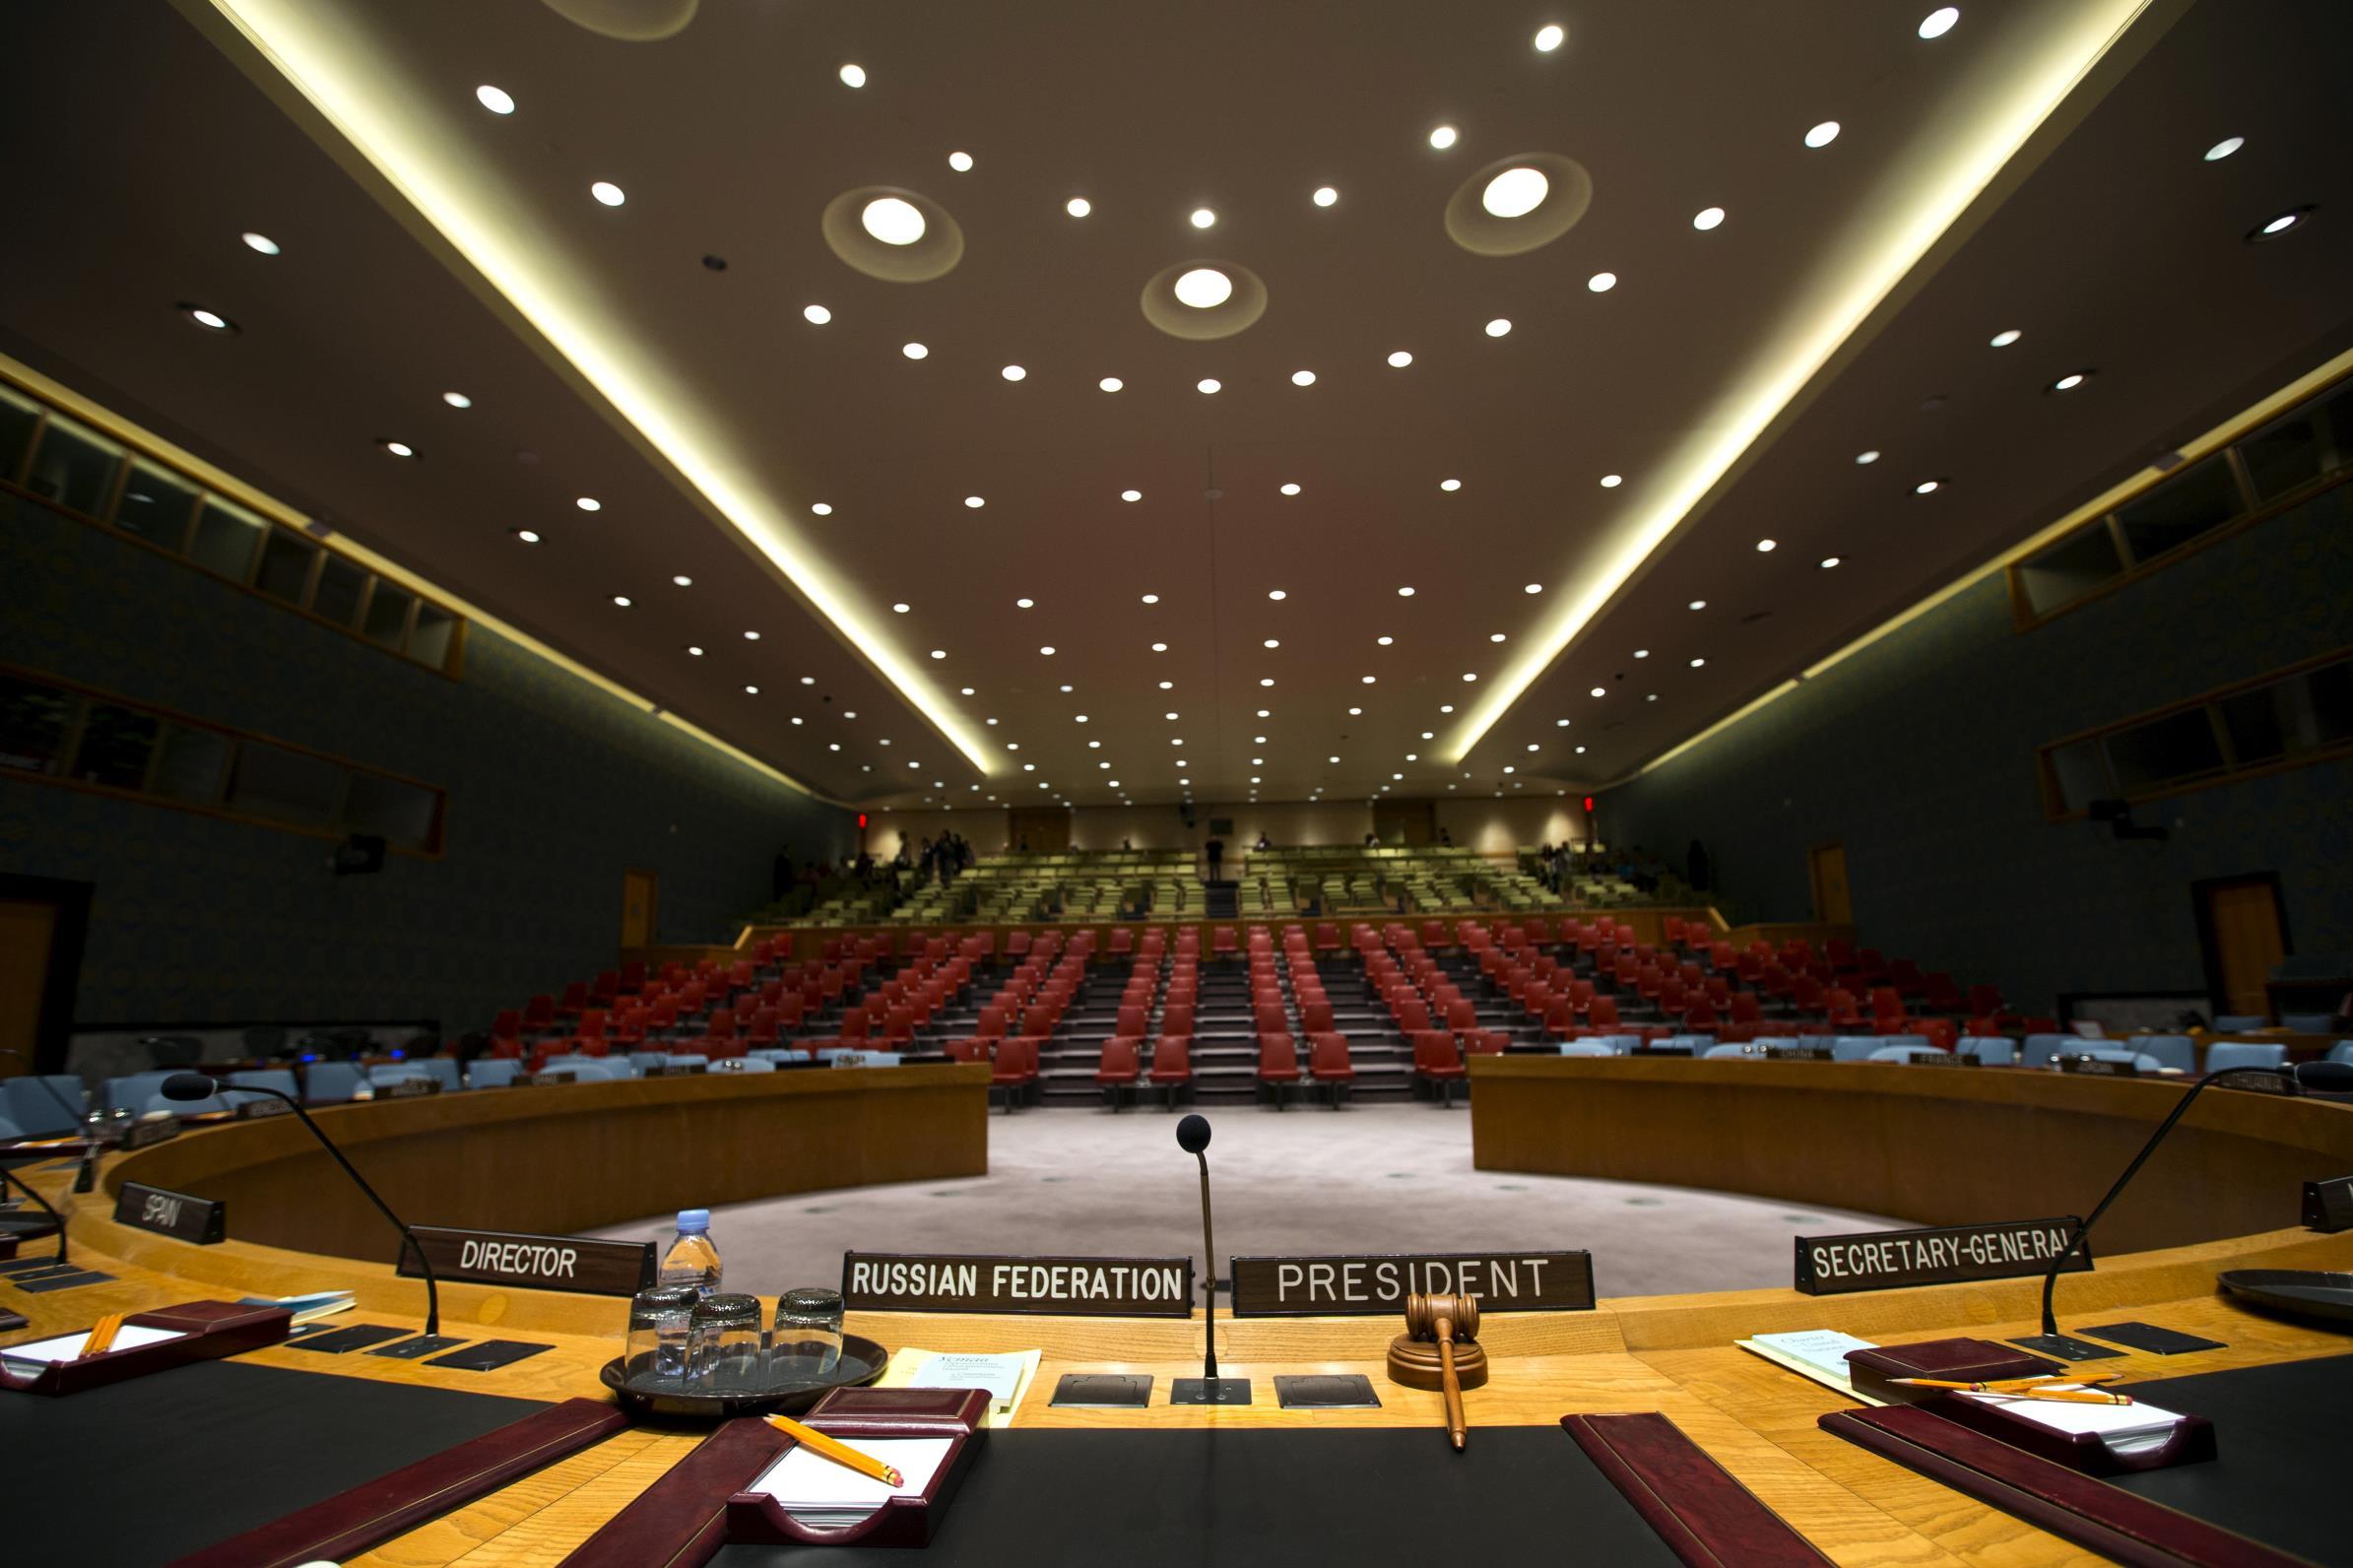 阿尔巴尼亚、巴西、加蓬、加纳、阿联酋当选为联合国安理会成员